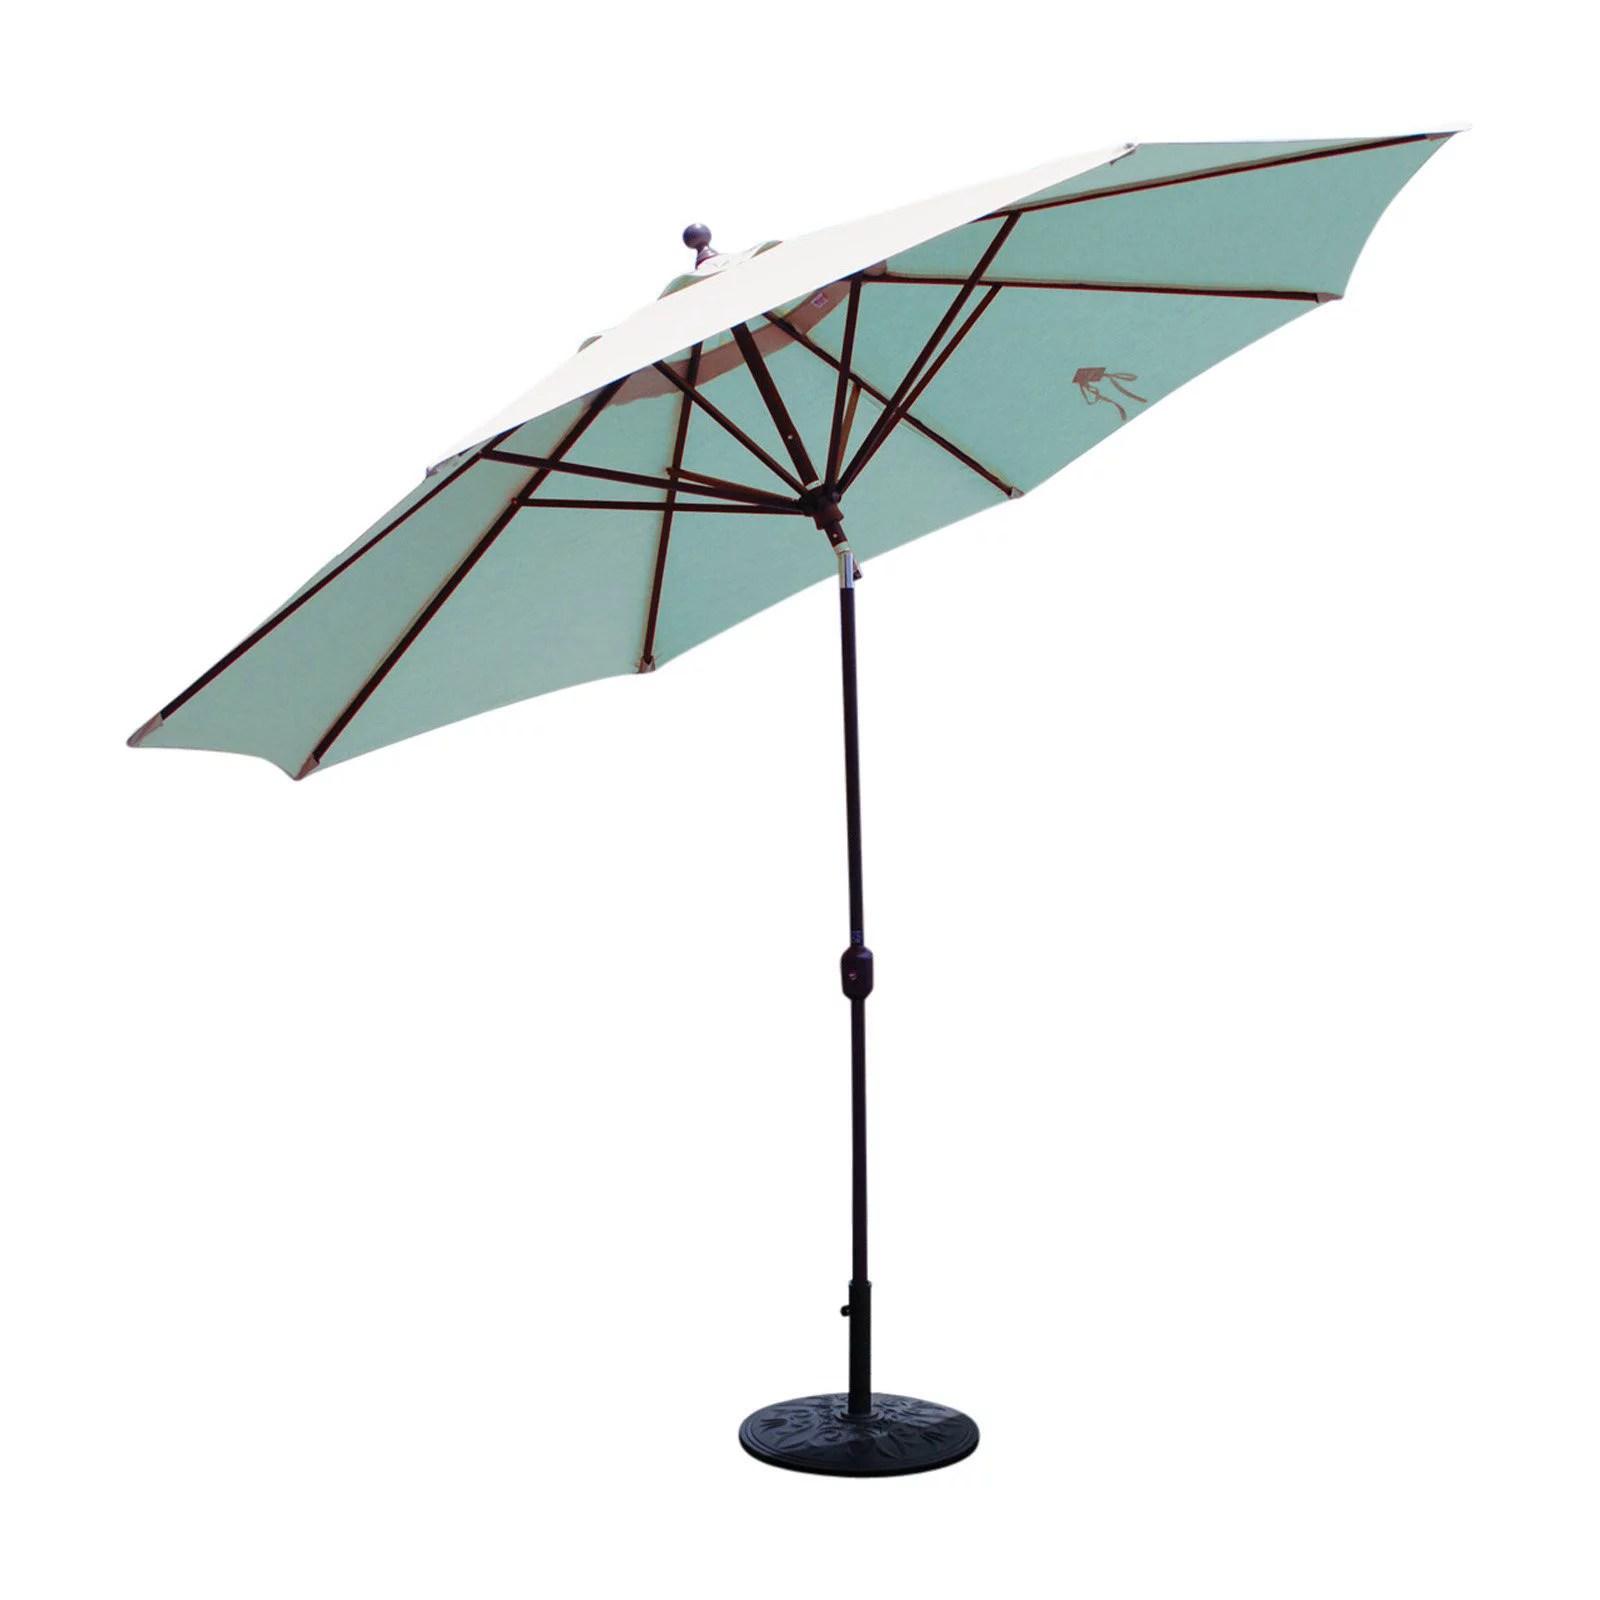 galtech sunbrella 11 ft maximum shade deluxe aluminum auto tilt patio umbrella